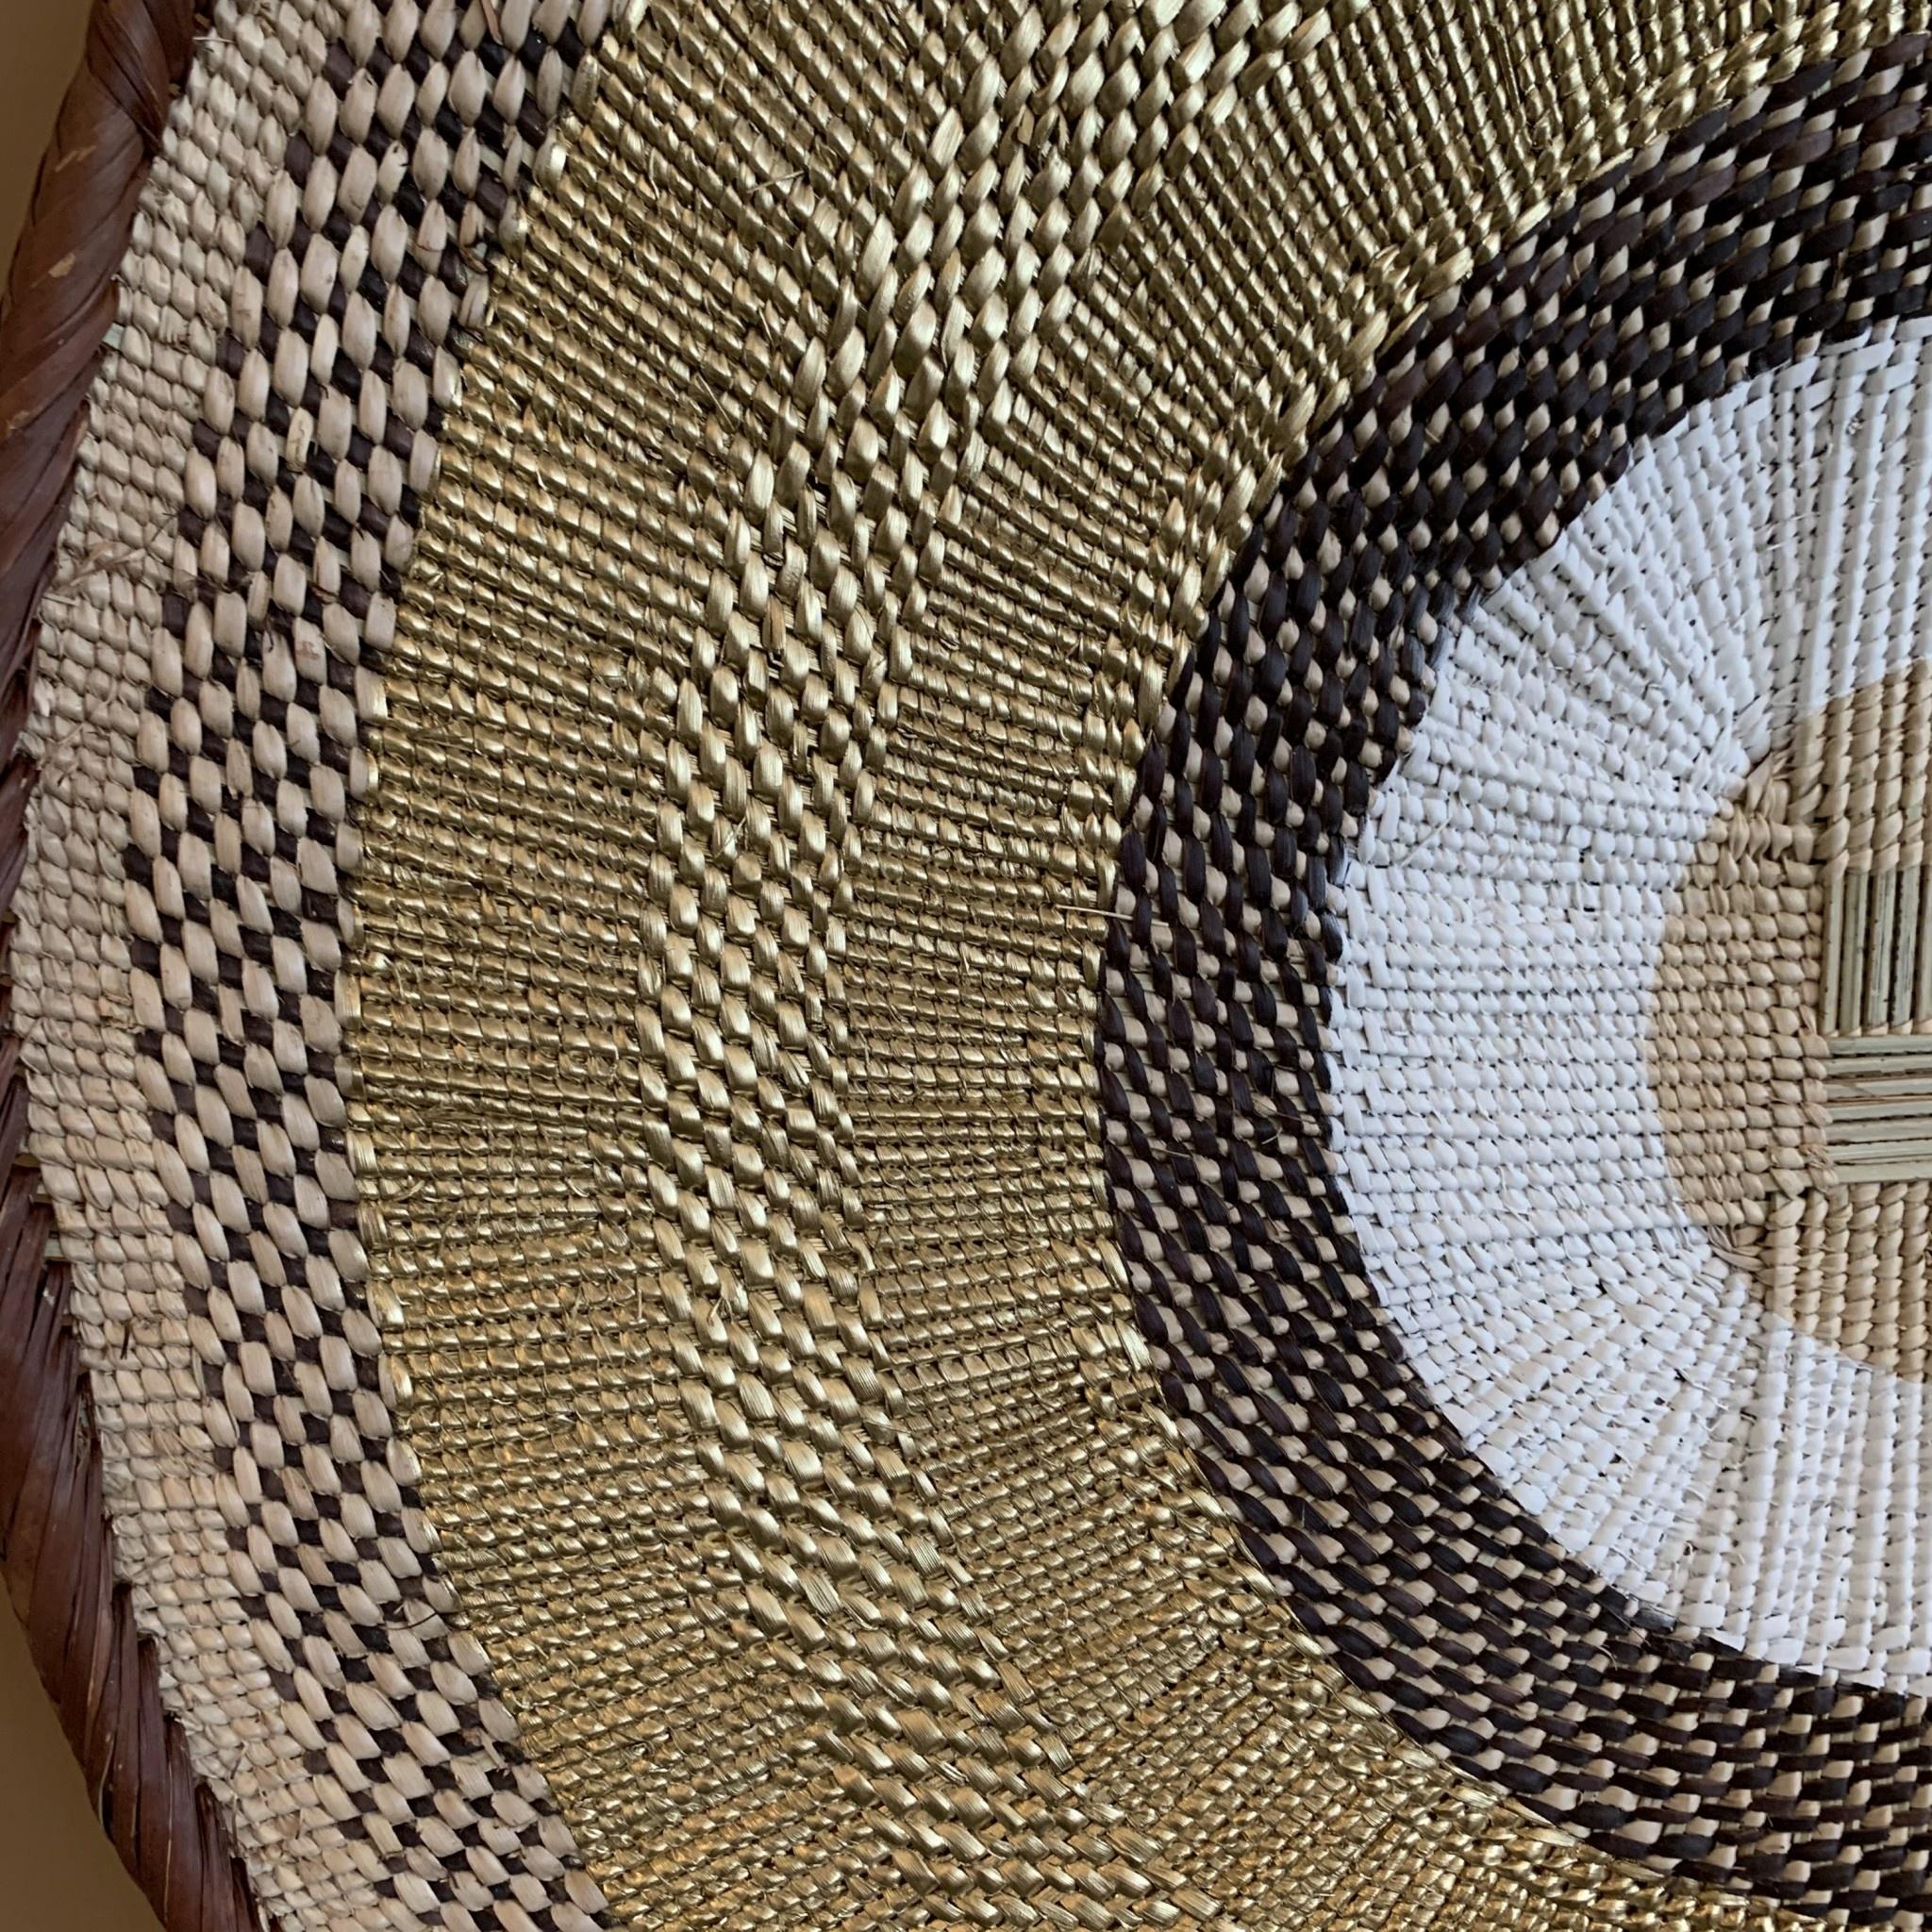 Petite Lily Interiors Panier mural Tonga M - naturel/or - Ø41-45cm